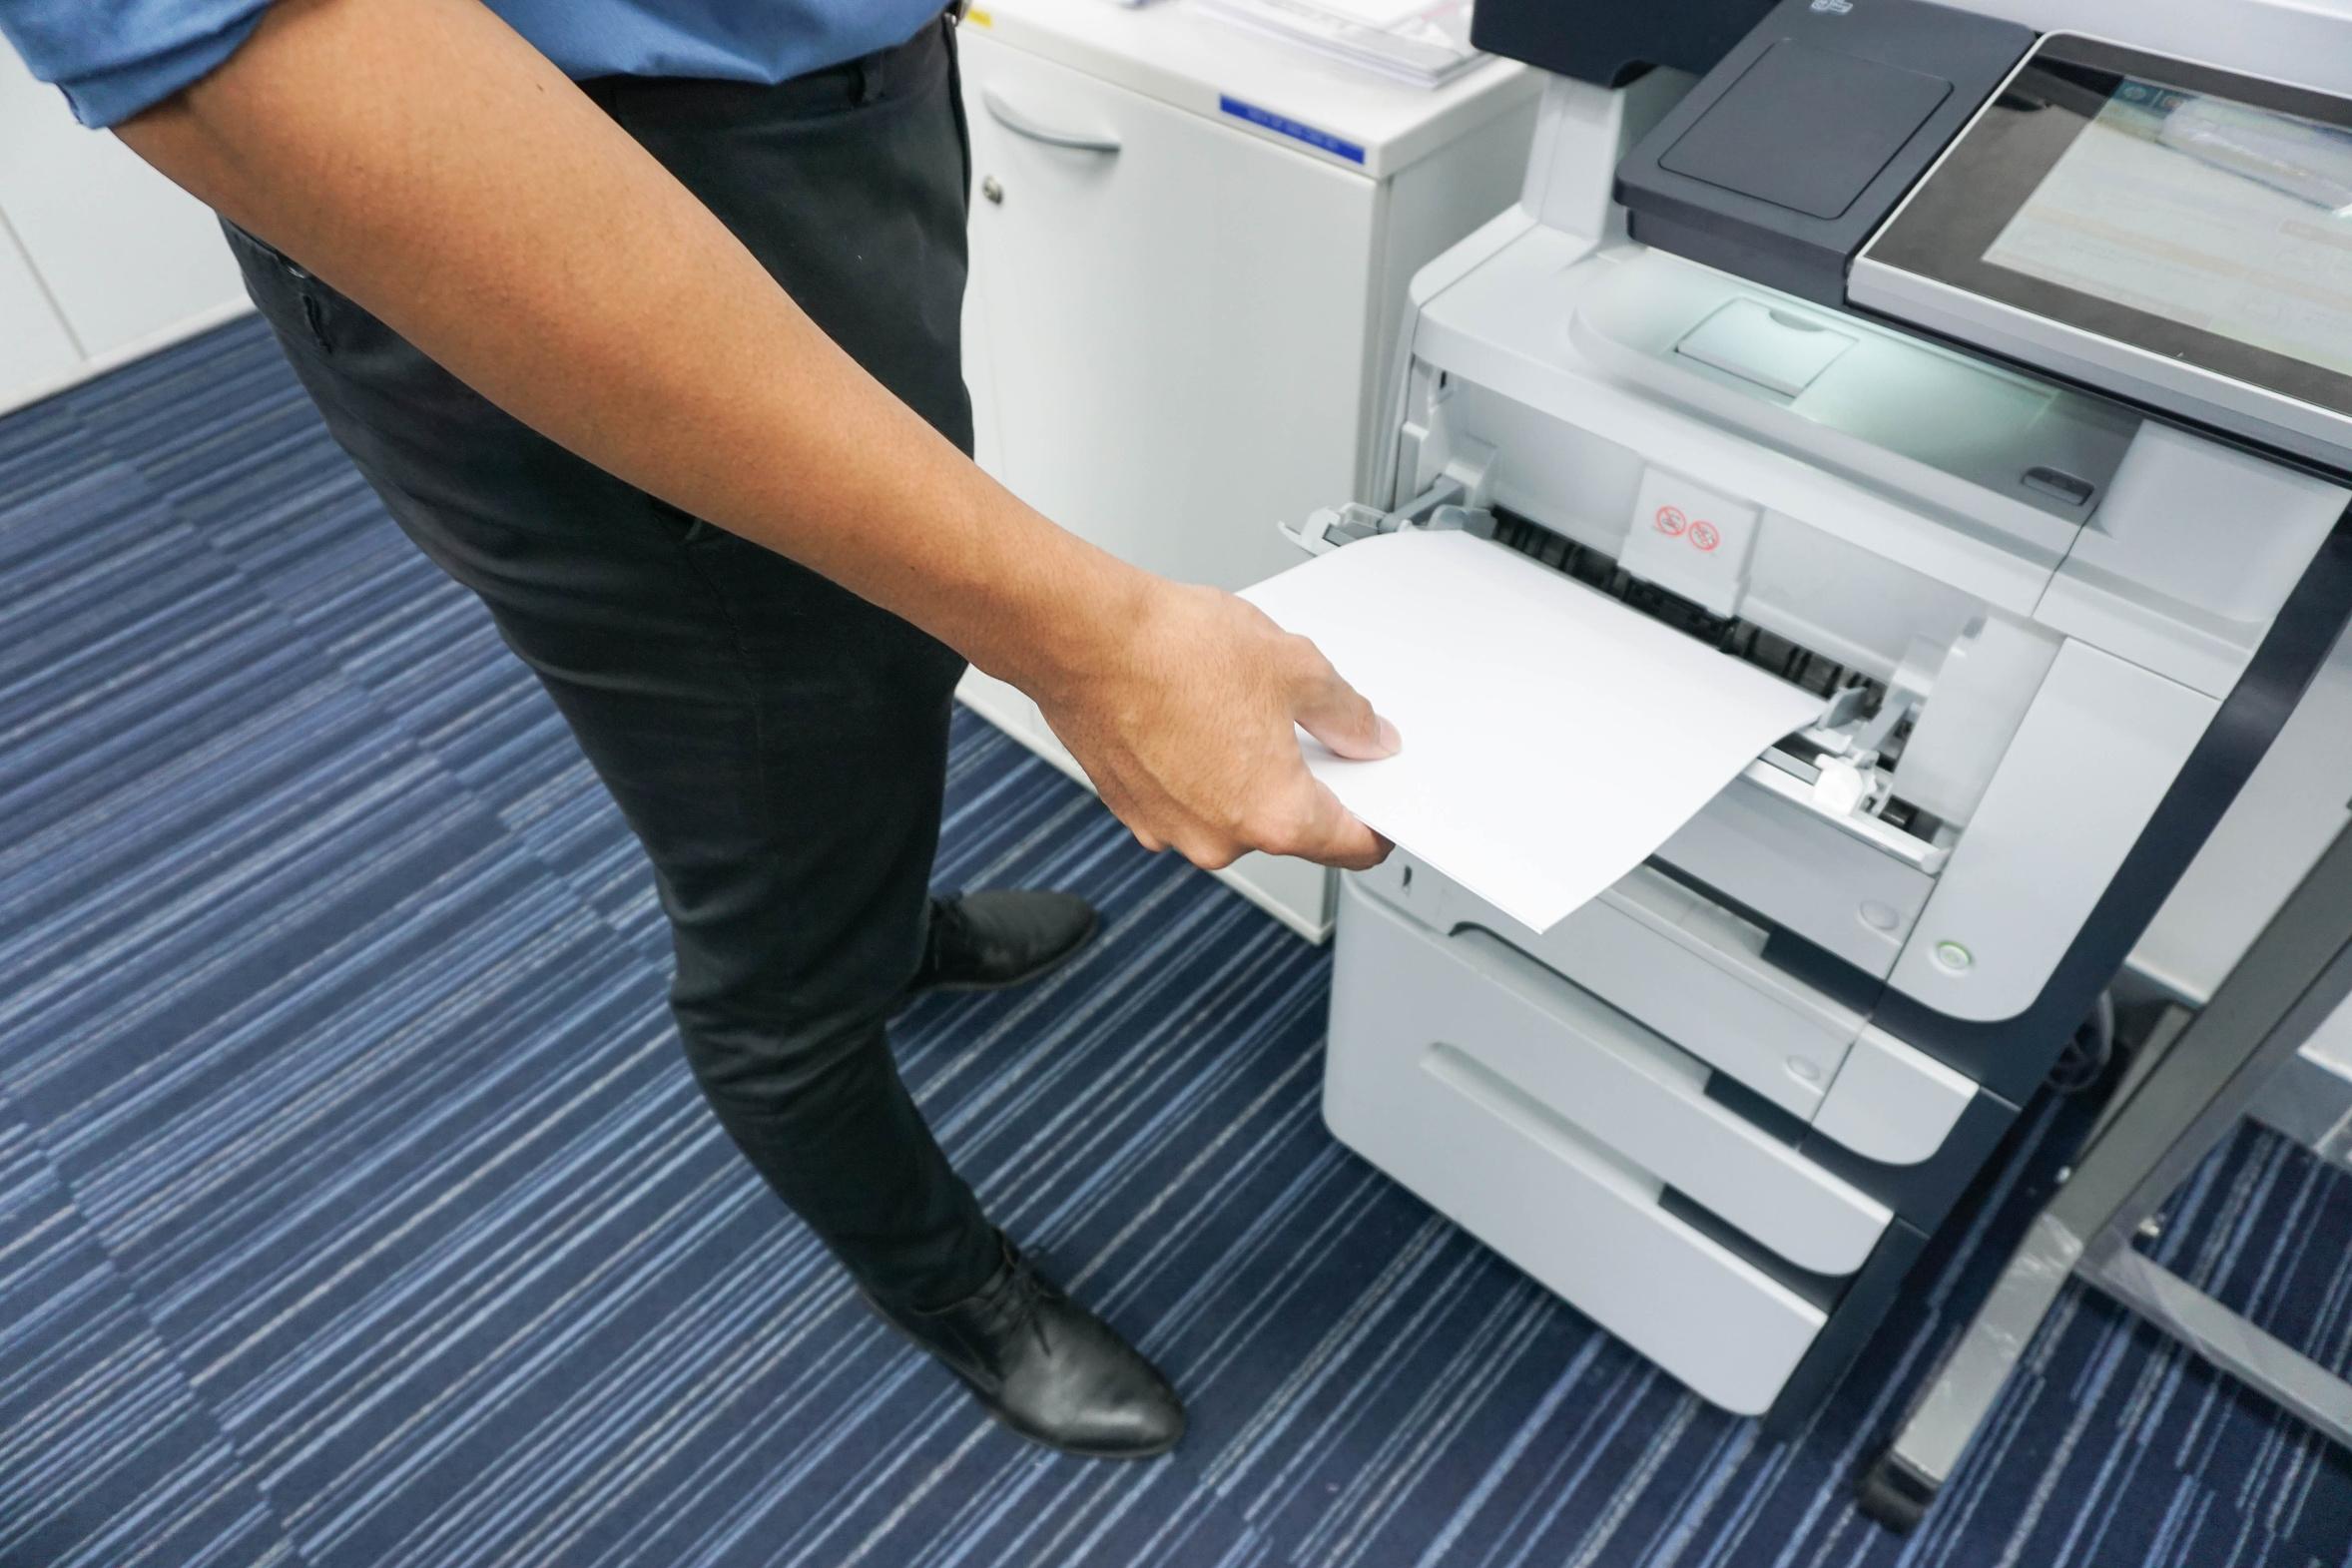 Les 5 coûts cachés de votre parc d'imprimantes